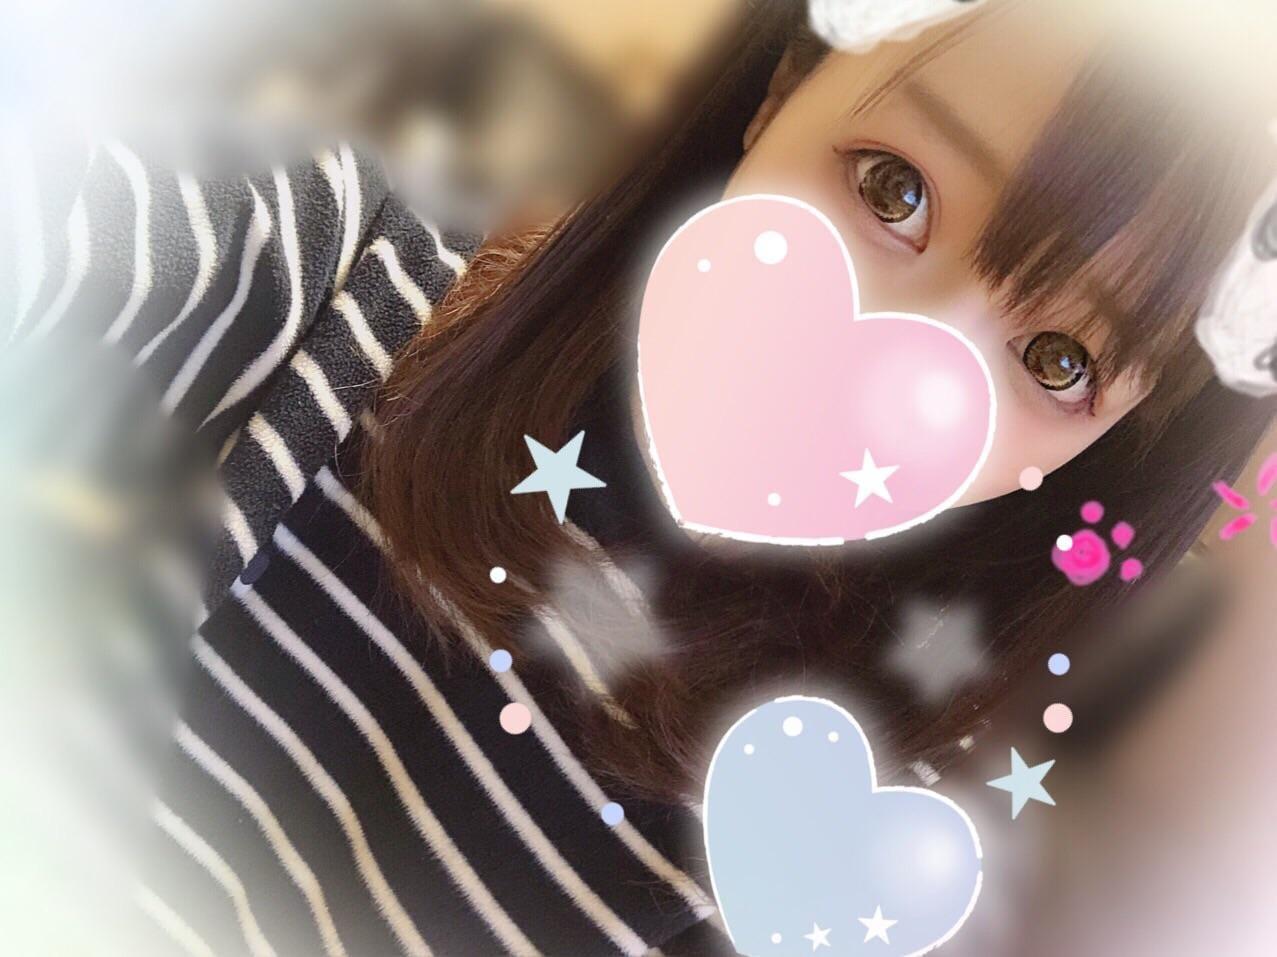 「前日予約受付中♡」01/12(土) 13:04   りんちゃんの写メ・風俗動画